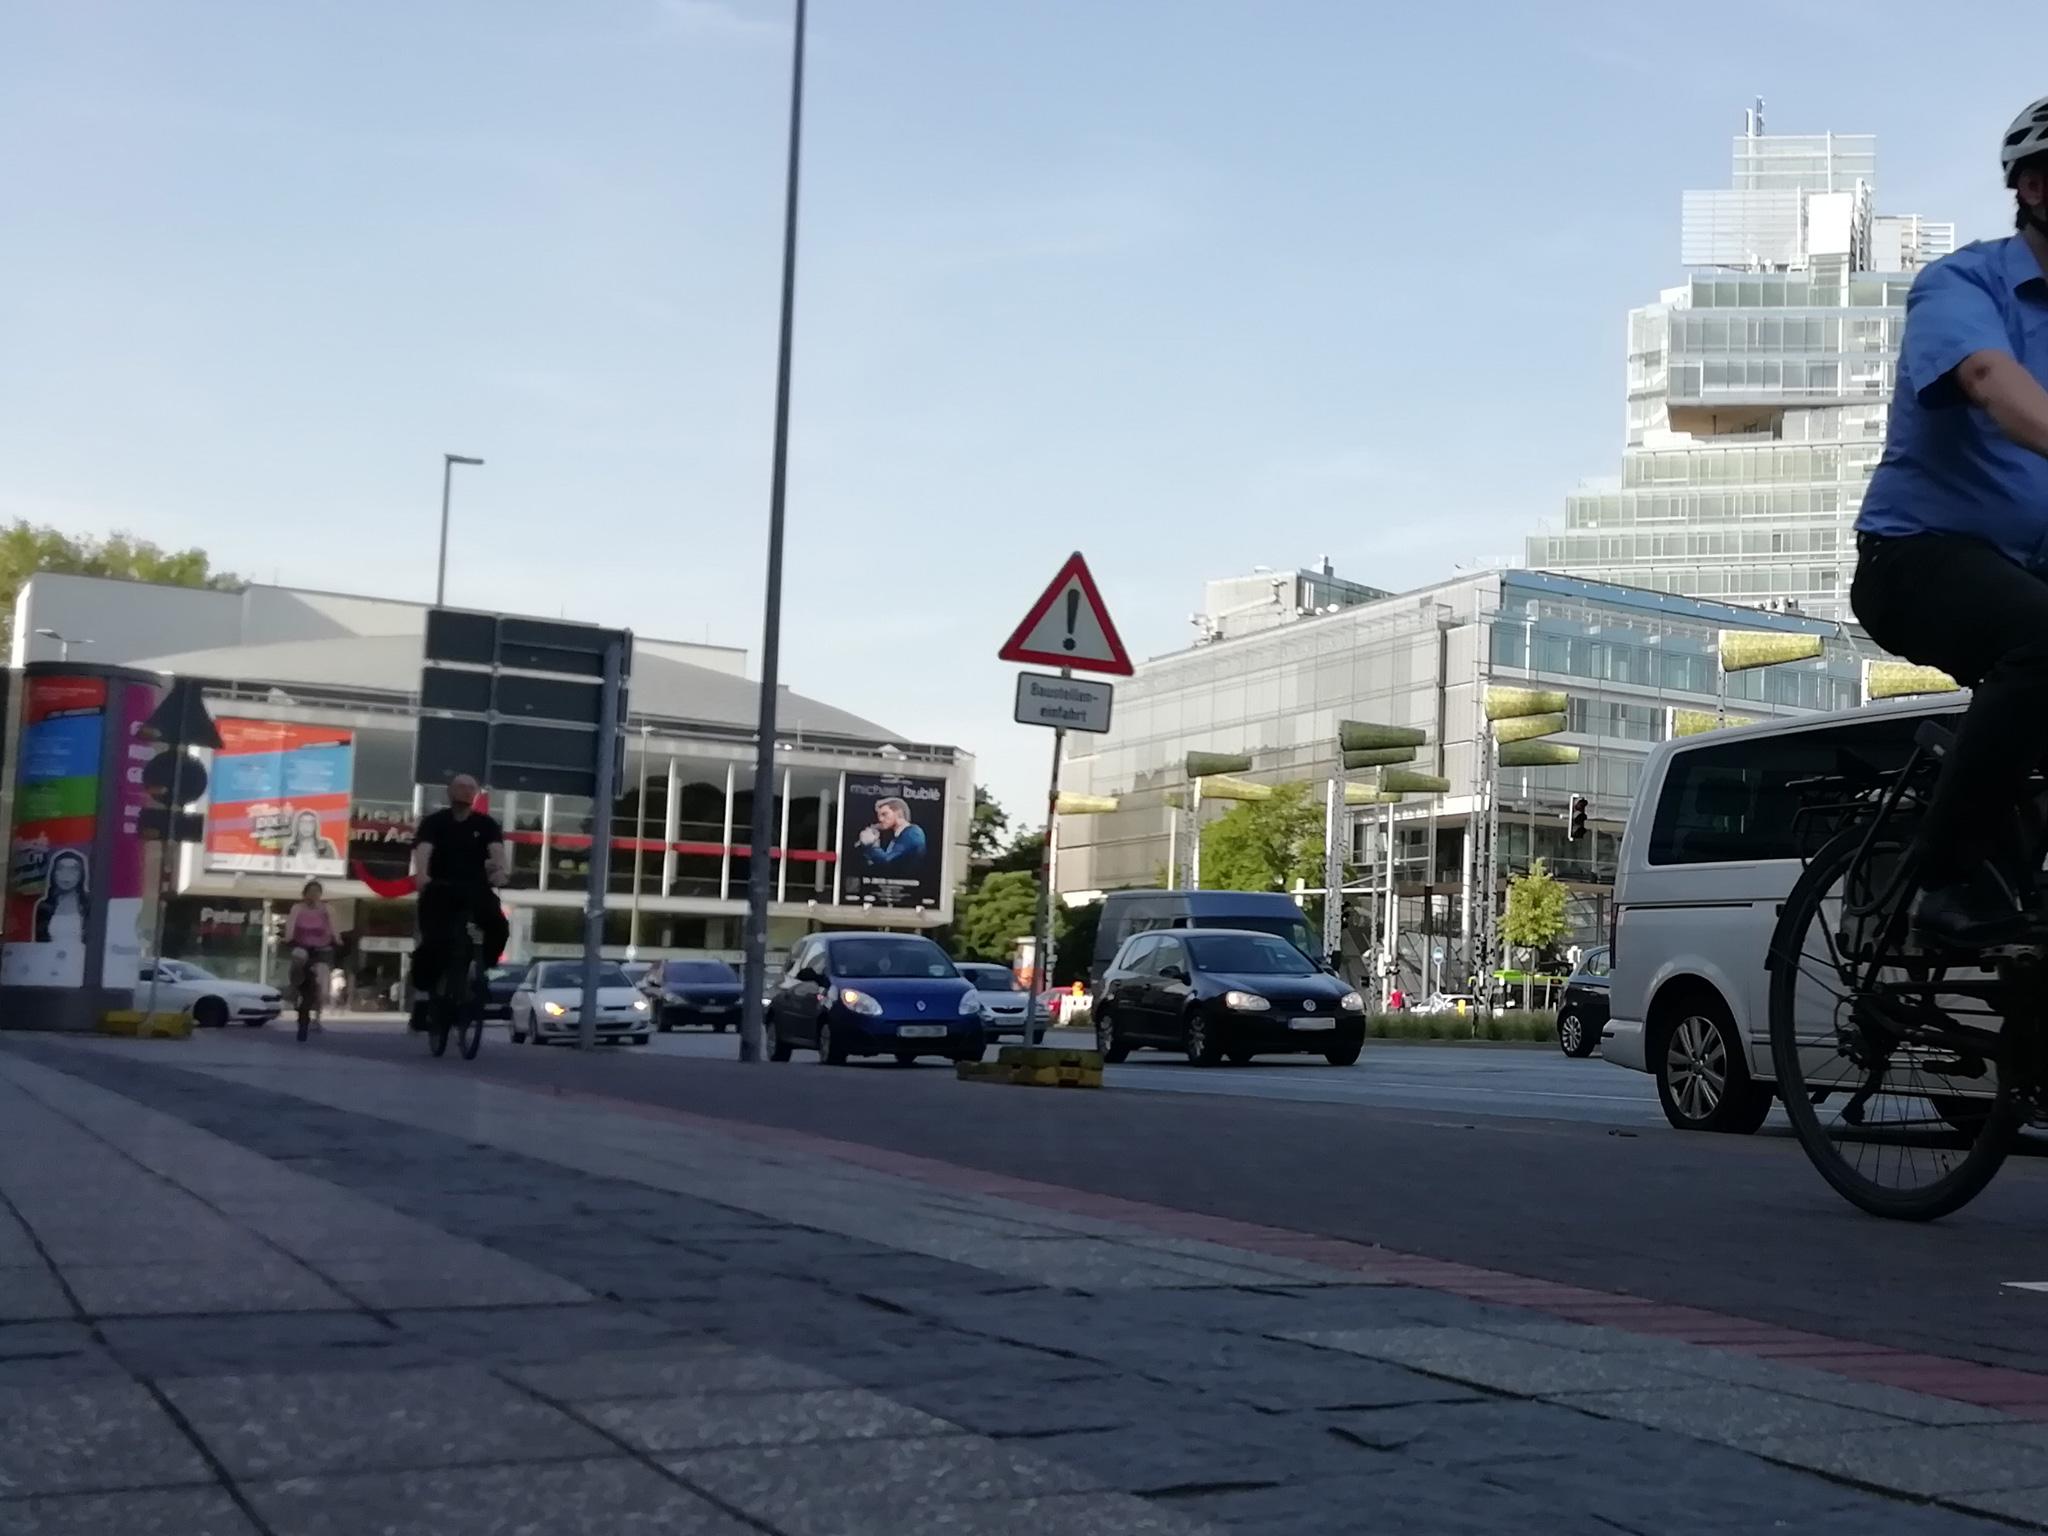 Blick auf einen Platz mit viel Autoverkehr und Fahrrädern daneben auf einem Radweg. Im Hintergrund sind Gebäude zu erkennen.